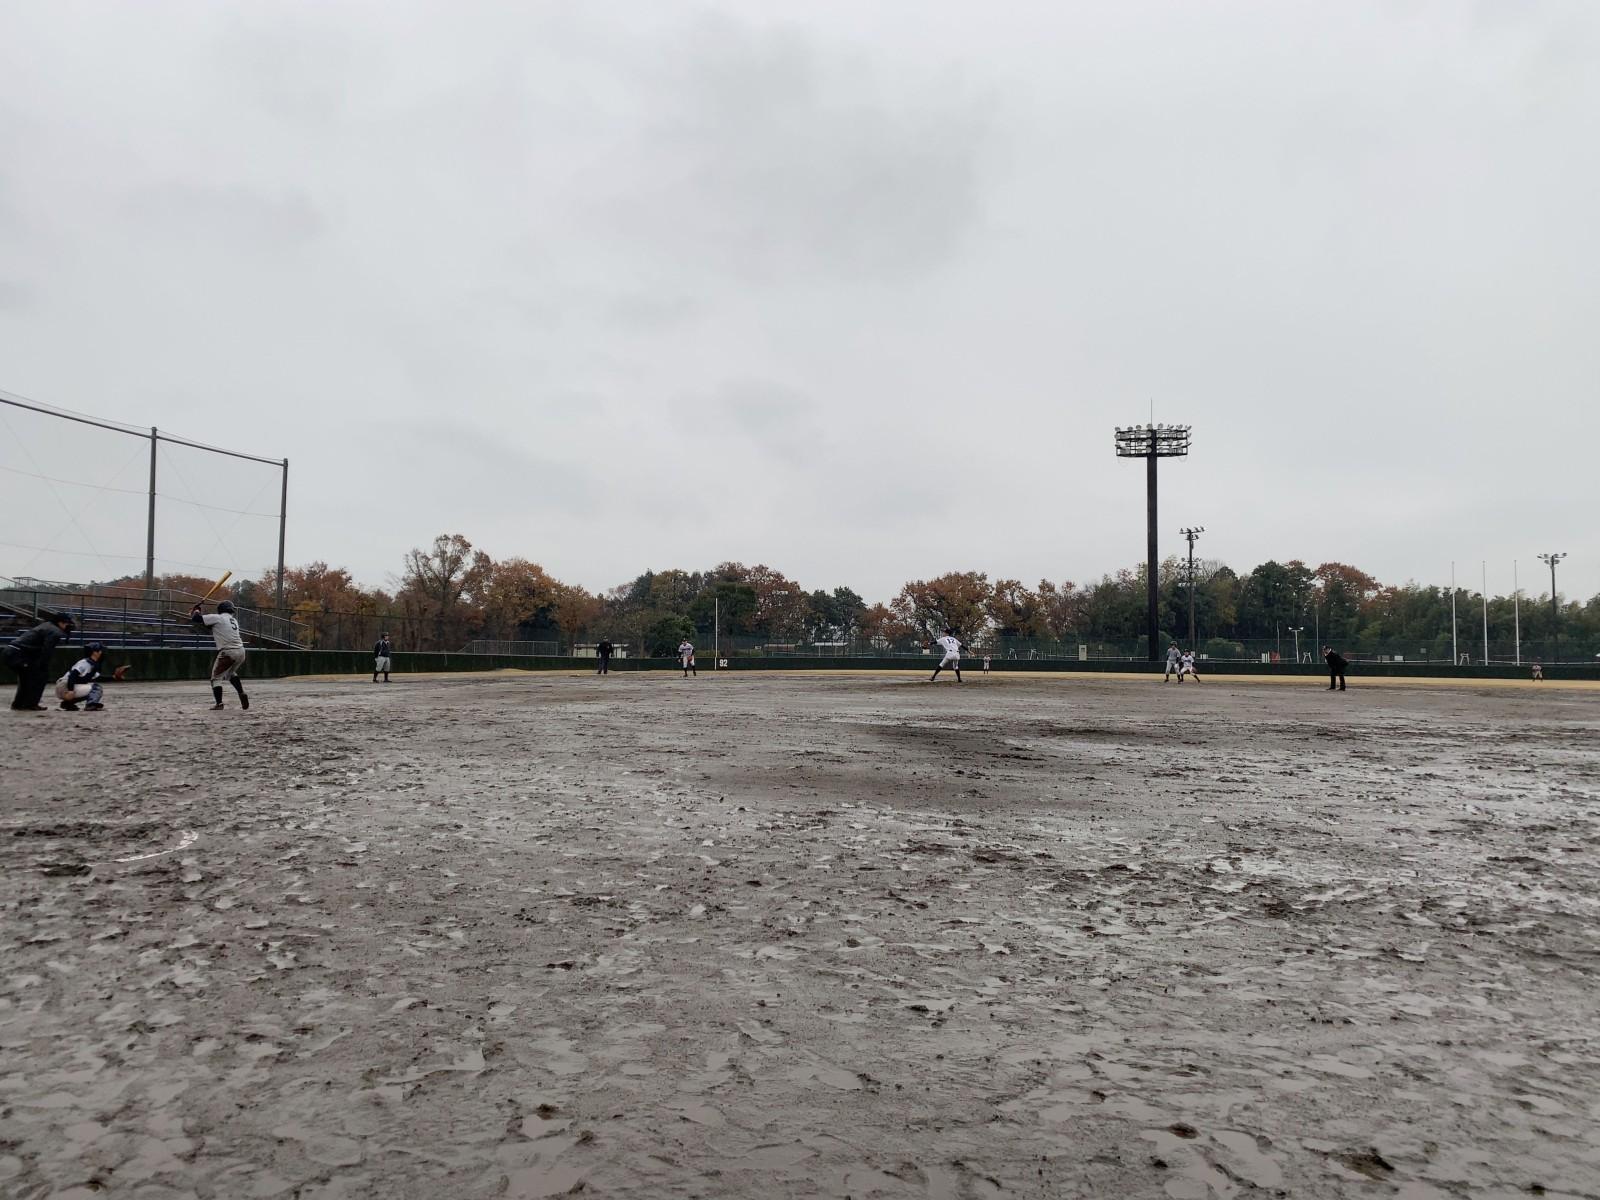 2019.12.07 第7回水戸ヤクルトカップ大会 1回戦 世田谷西リトルシニア戦